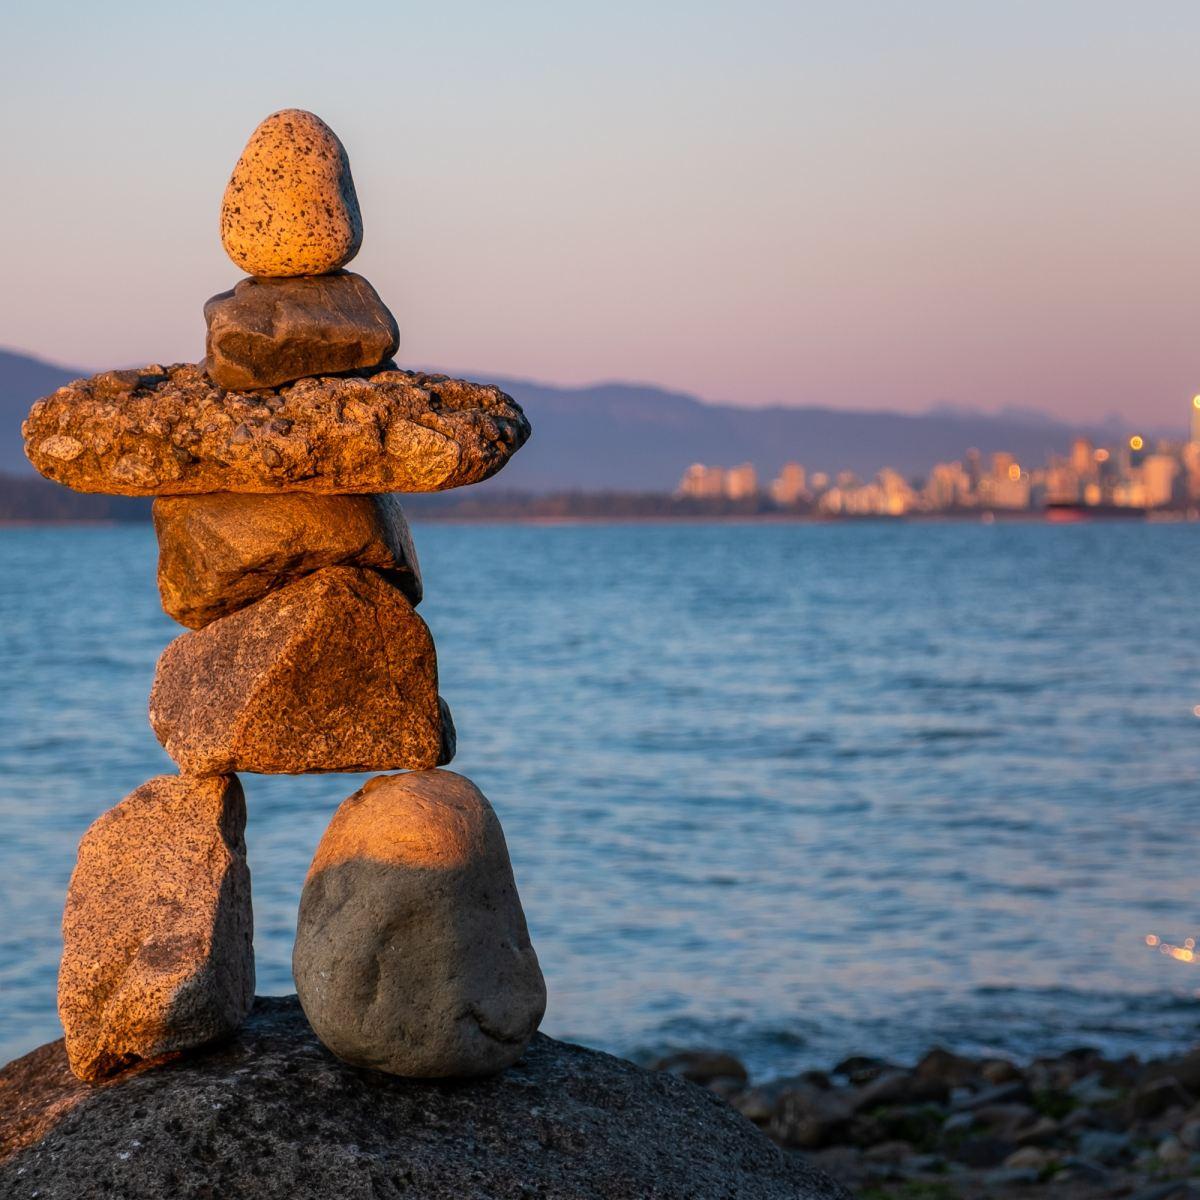 Interim Executives Can Help Propel NonProfits | Nonprofit Insights | kdpconsulting.ca